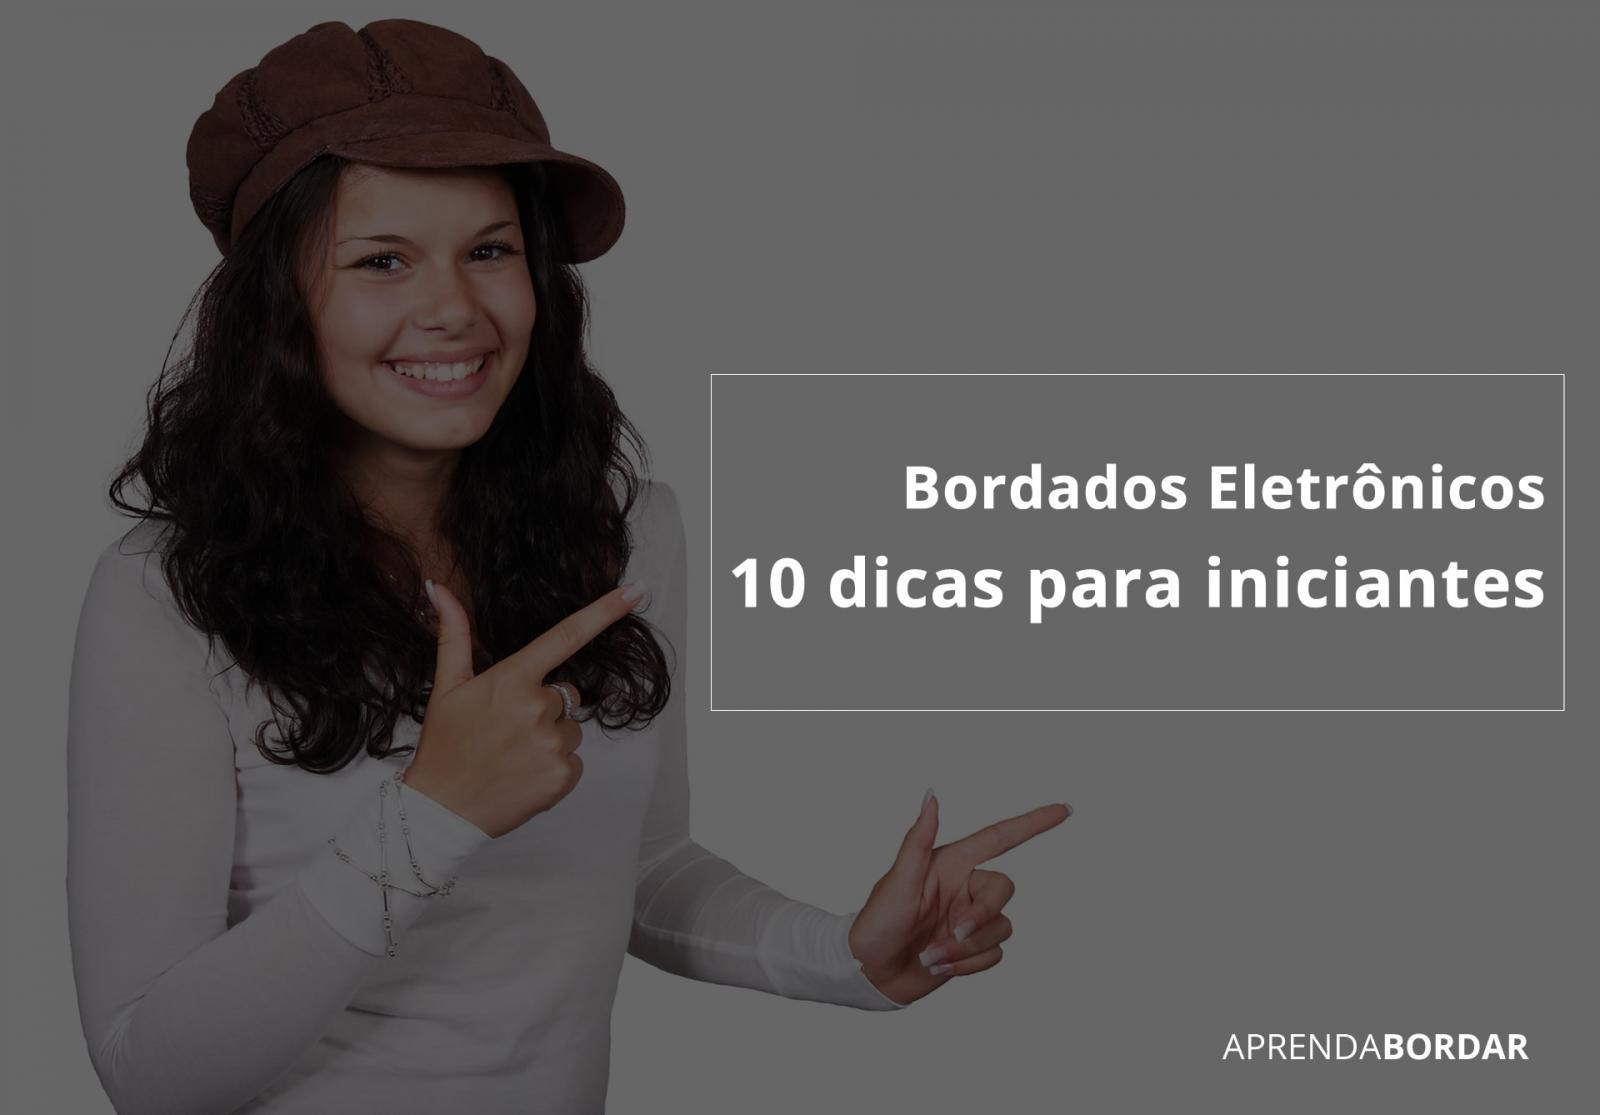 Bordados eletrônicos 10 dicas para iniciantes